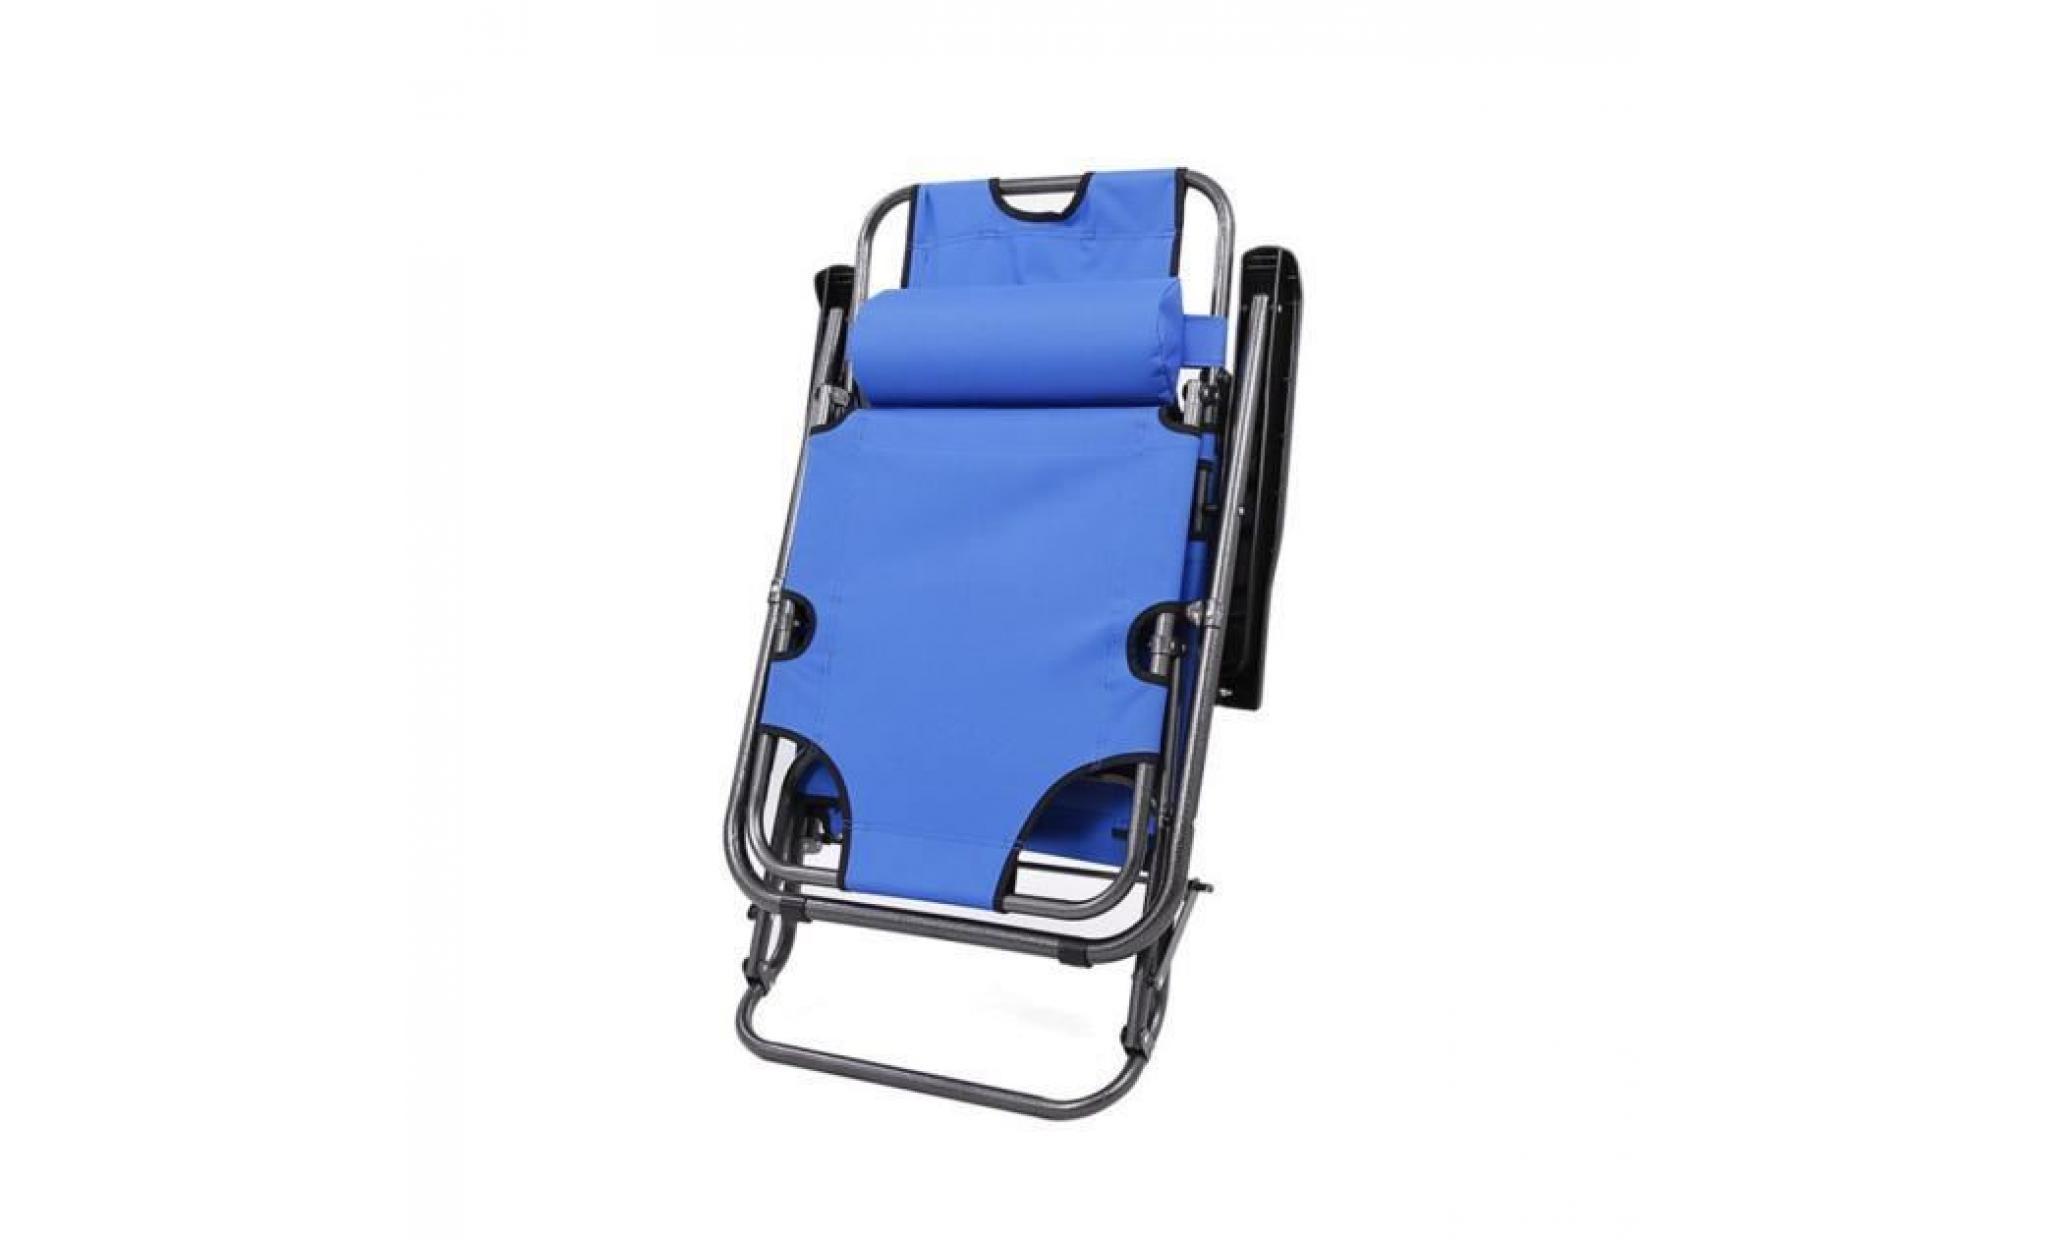 Chaise longue de jardin pliante inclinable achat vente - Chaise longue de jardin pas cher ...